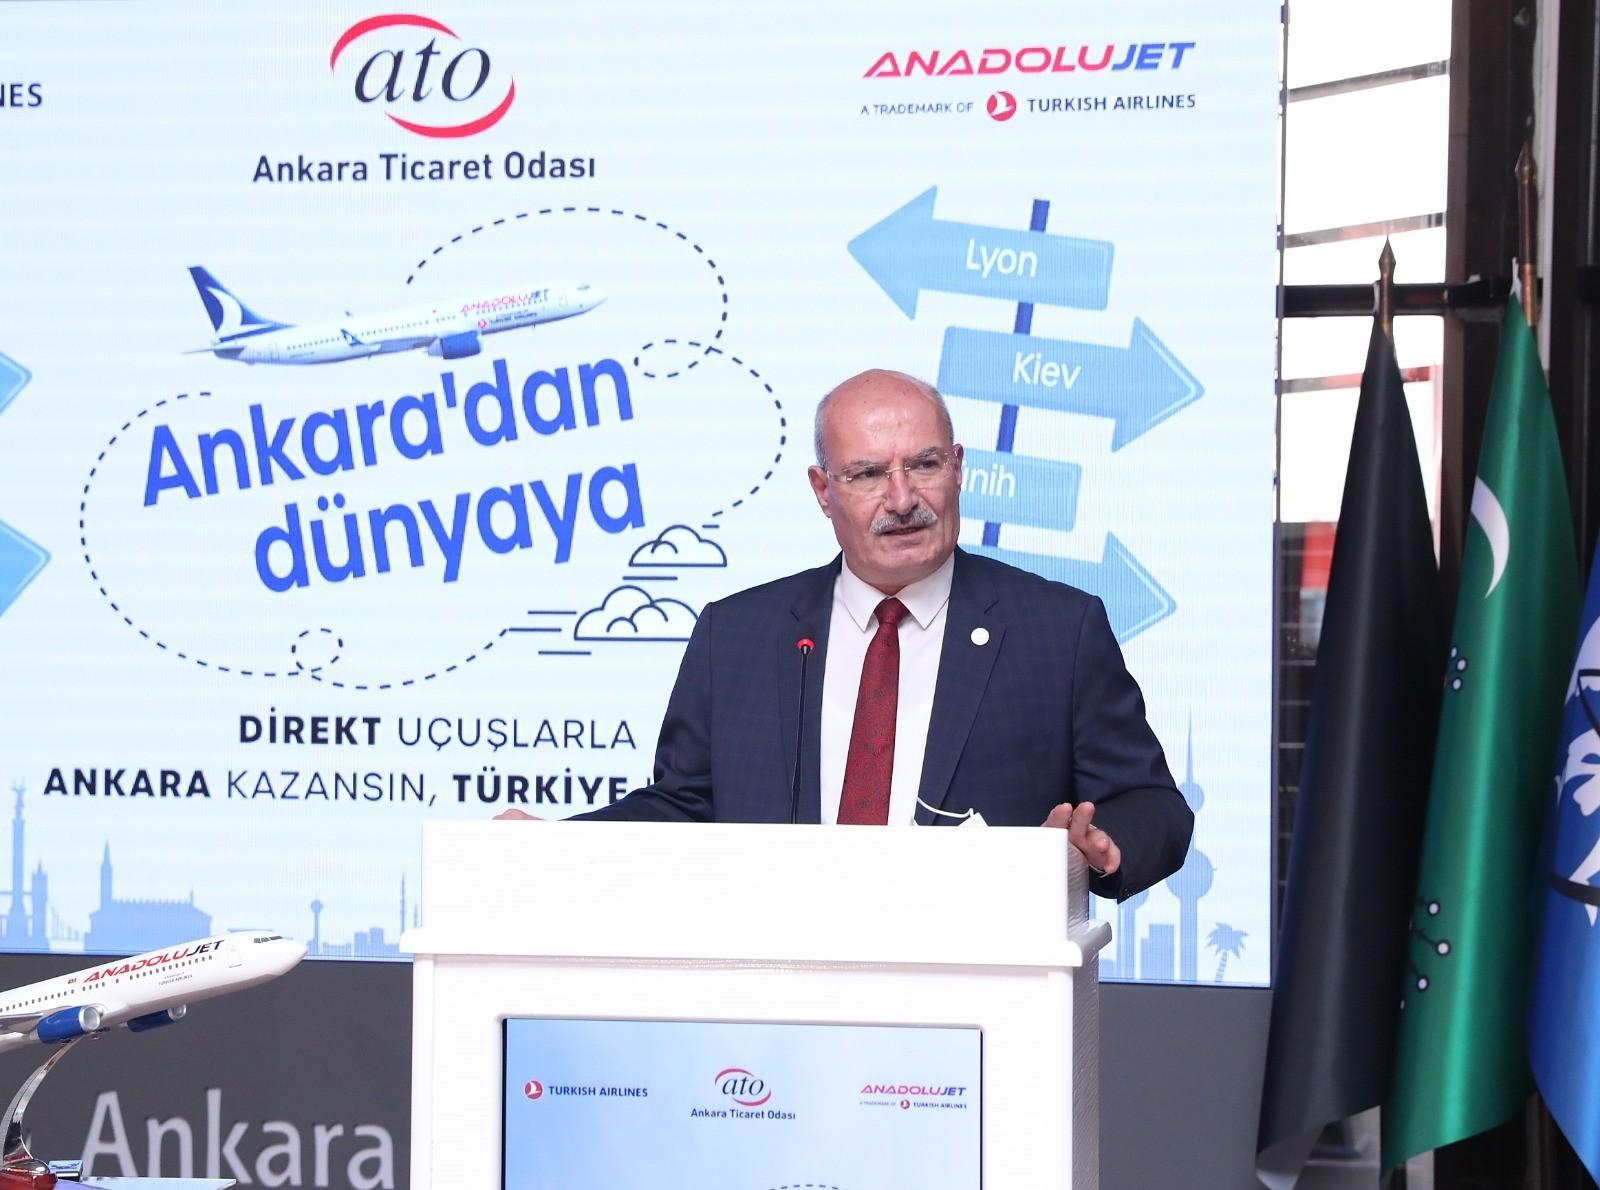 ATO'nun ısrarları neticesinde Ankara'dan yurtdışına 22 dış hat seferi gerçekleşecek